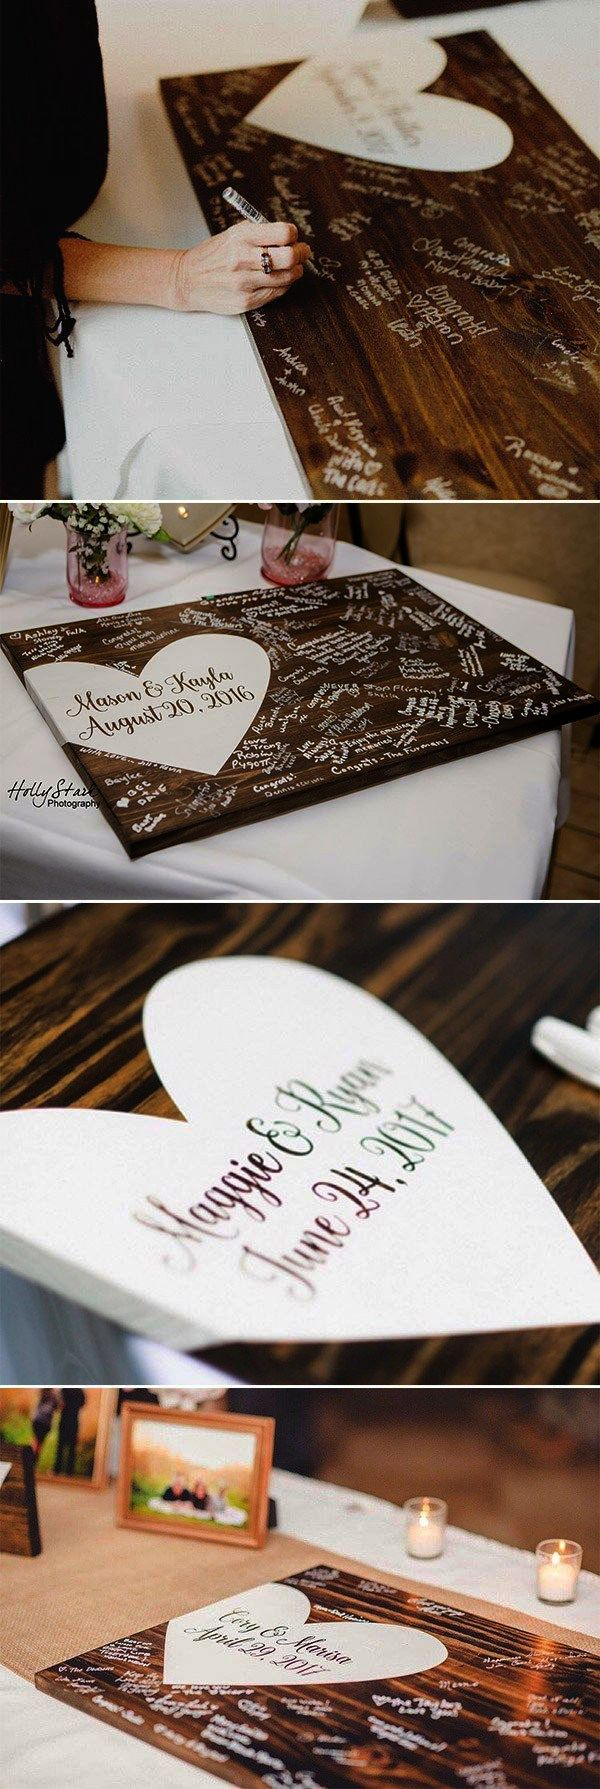 Lemon Pie X Wedding Cake Strain from Weddingwire Sign In